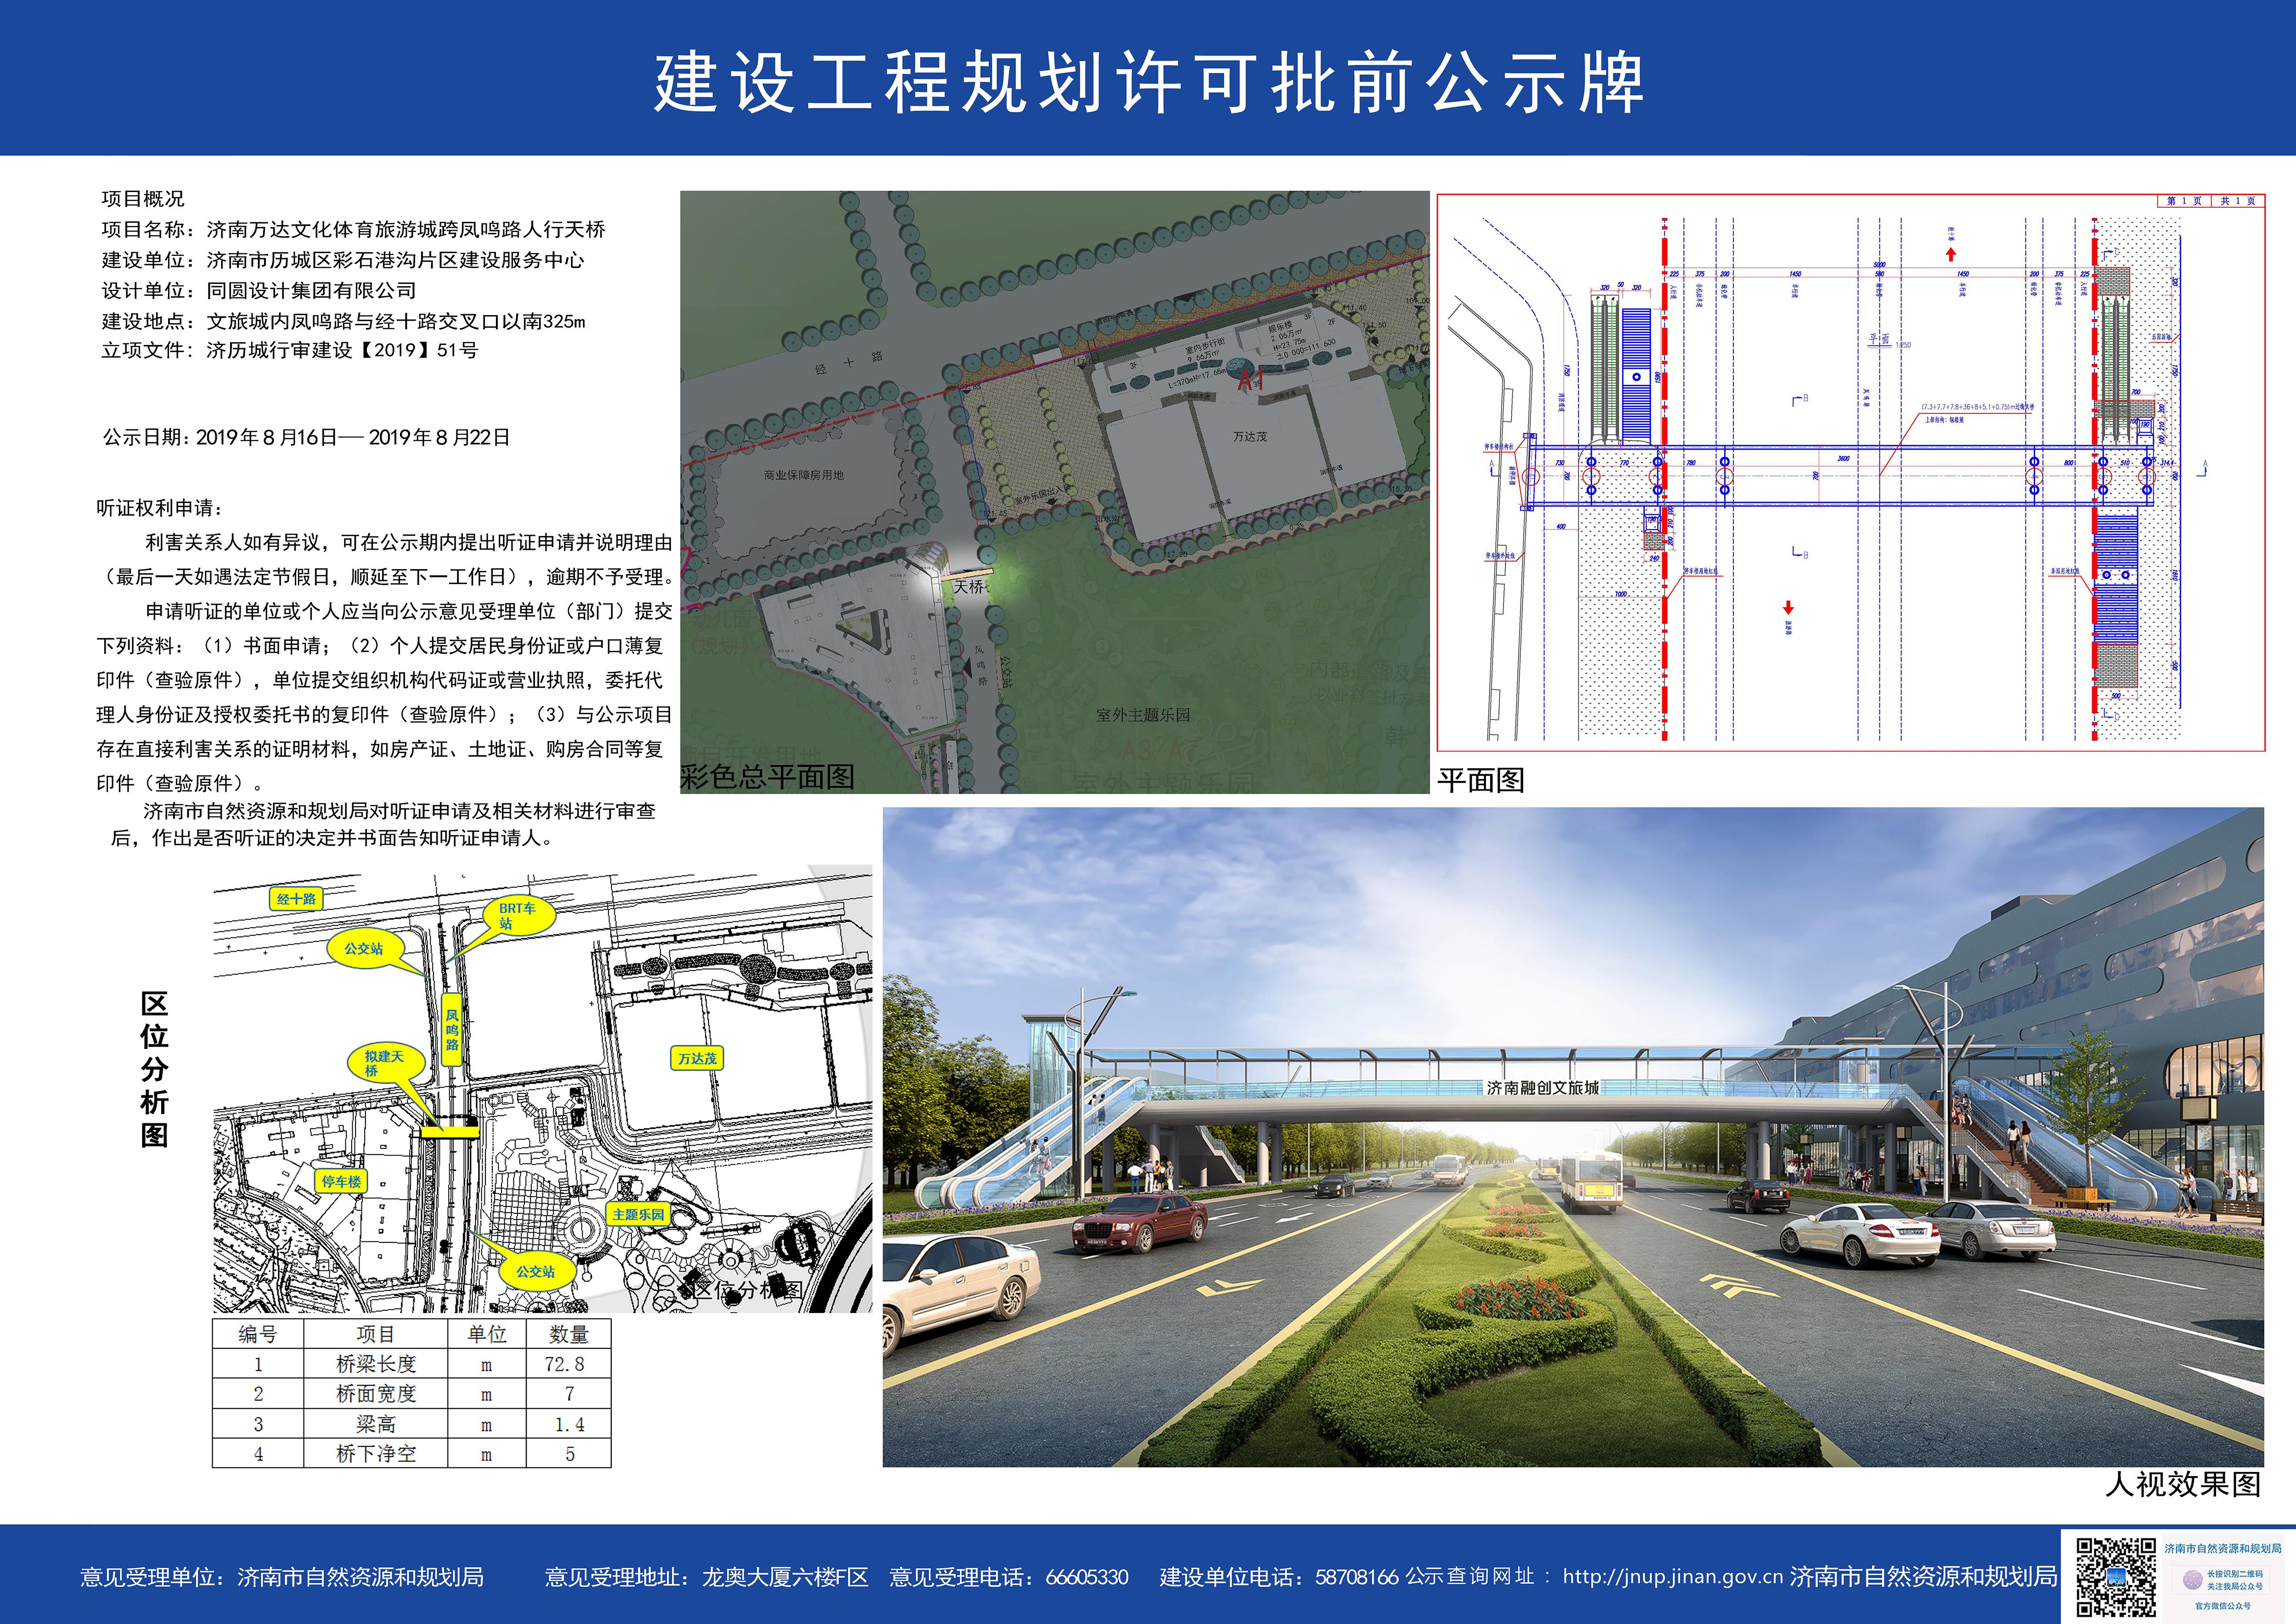 凤鸣路与经十路交叉口以南将建一人行天桥,位于万达文旅城内